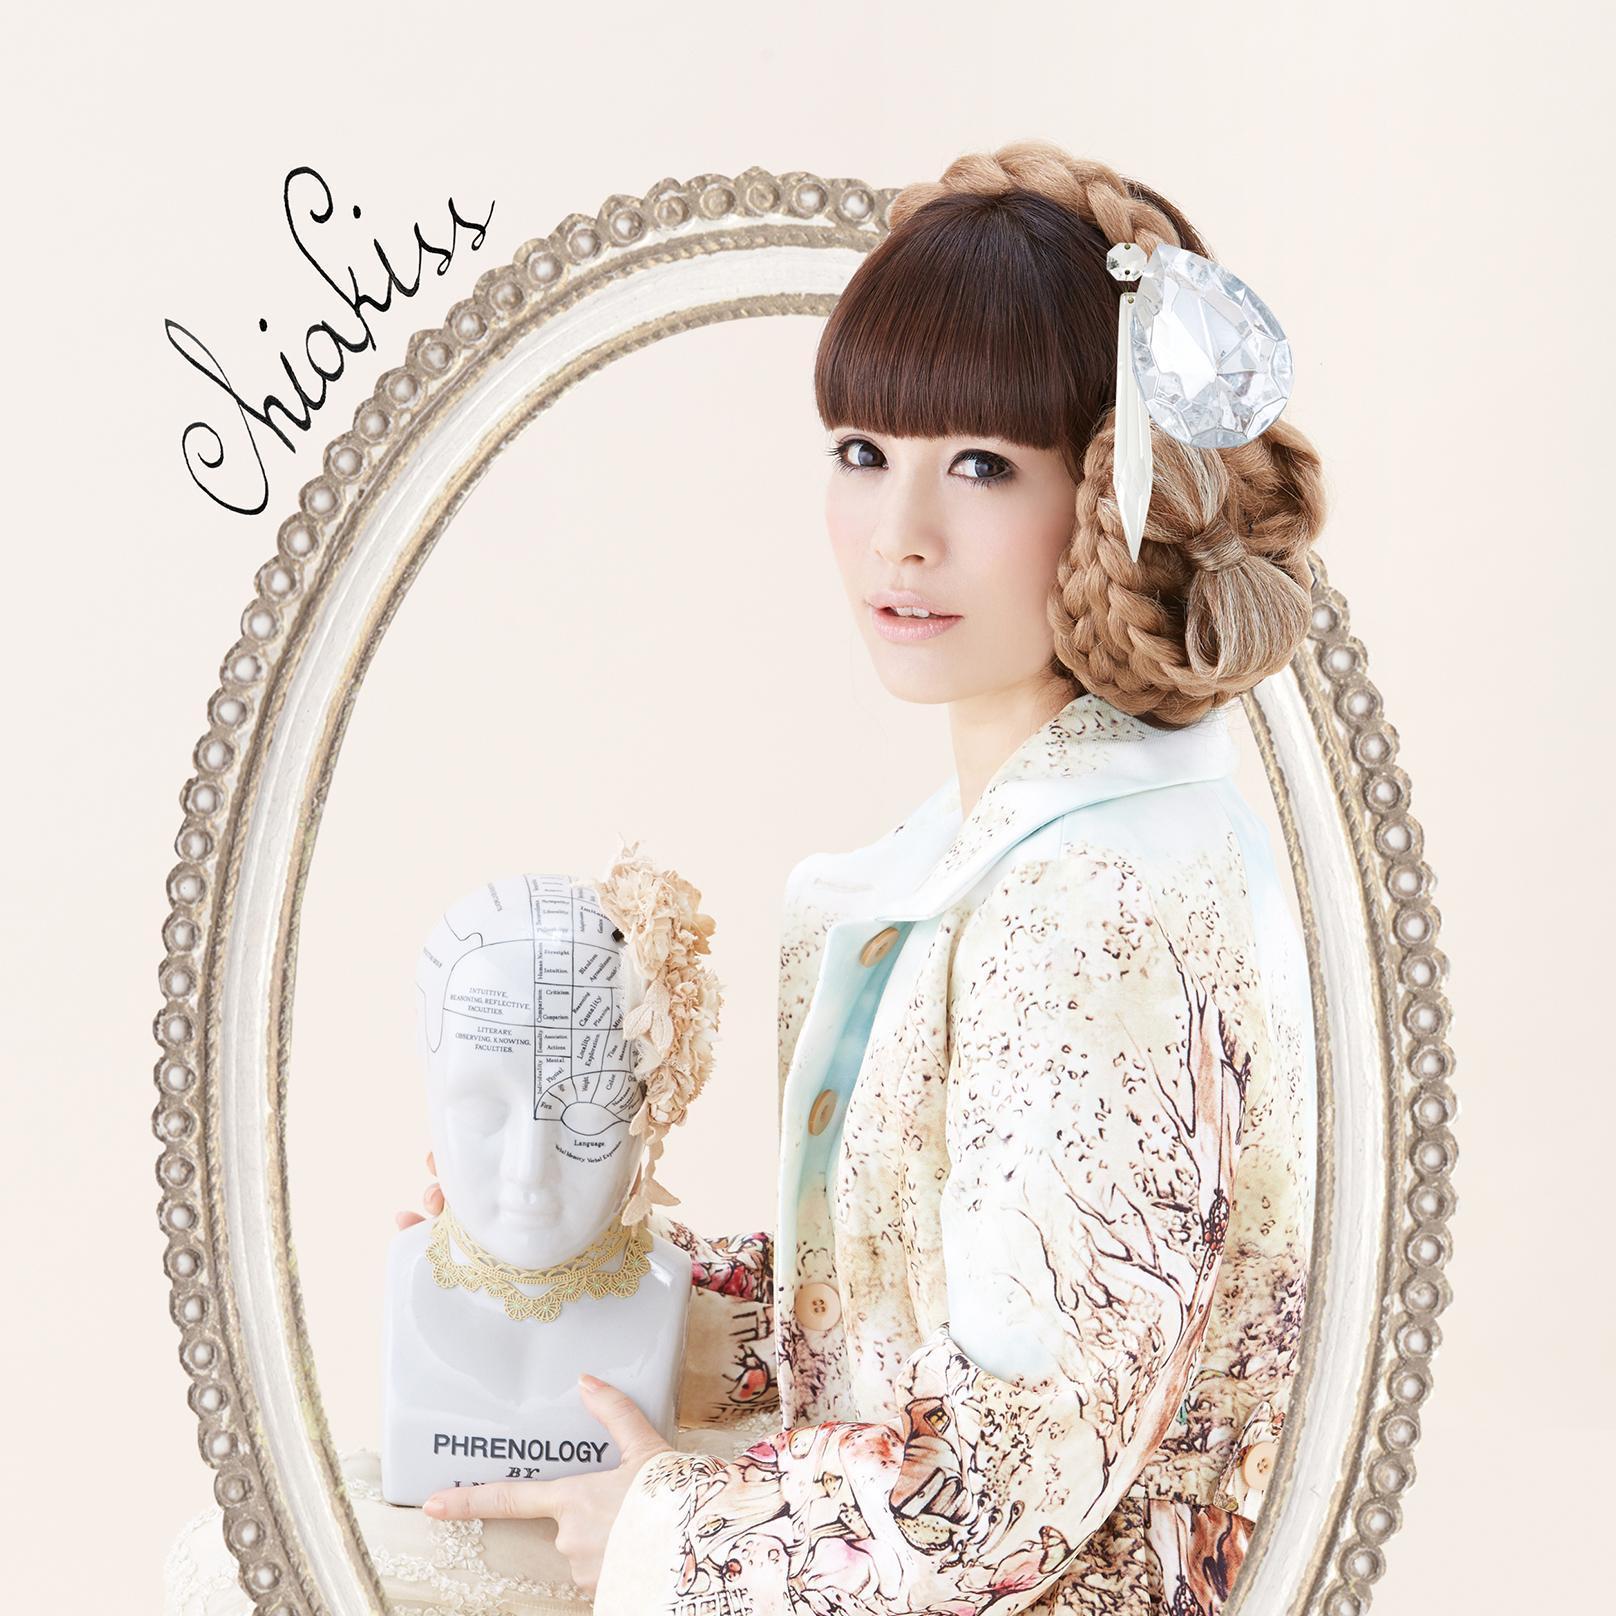 石川智晶 Social Profile